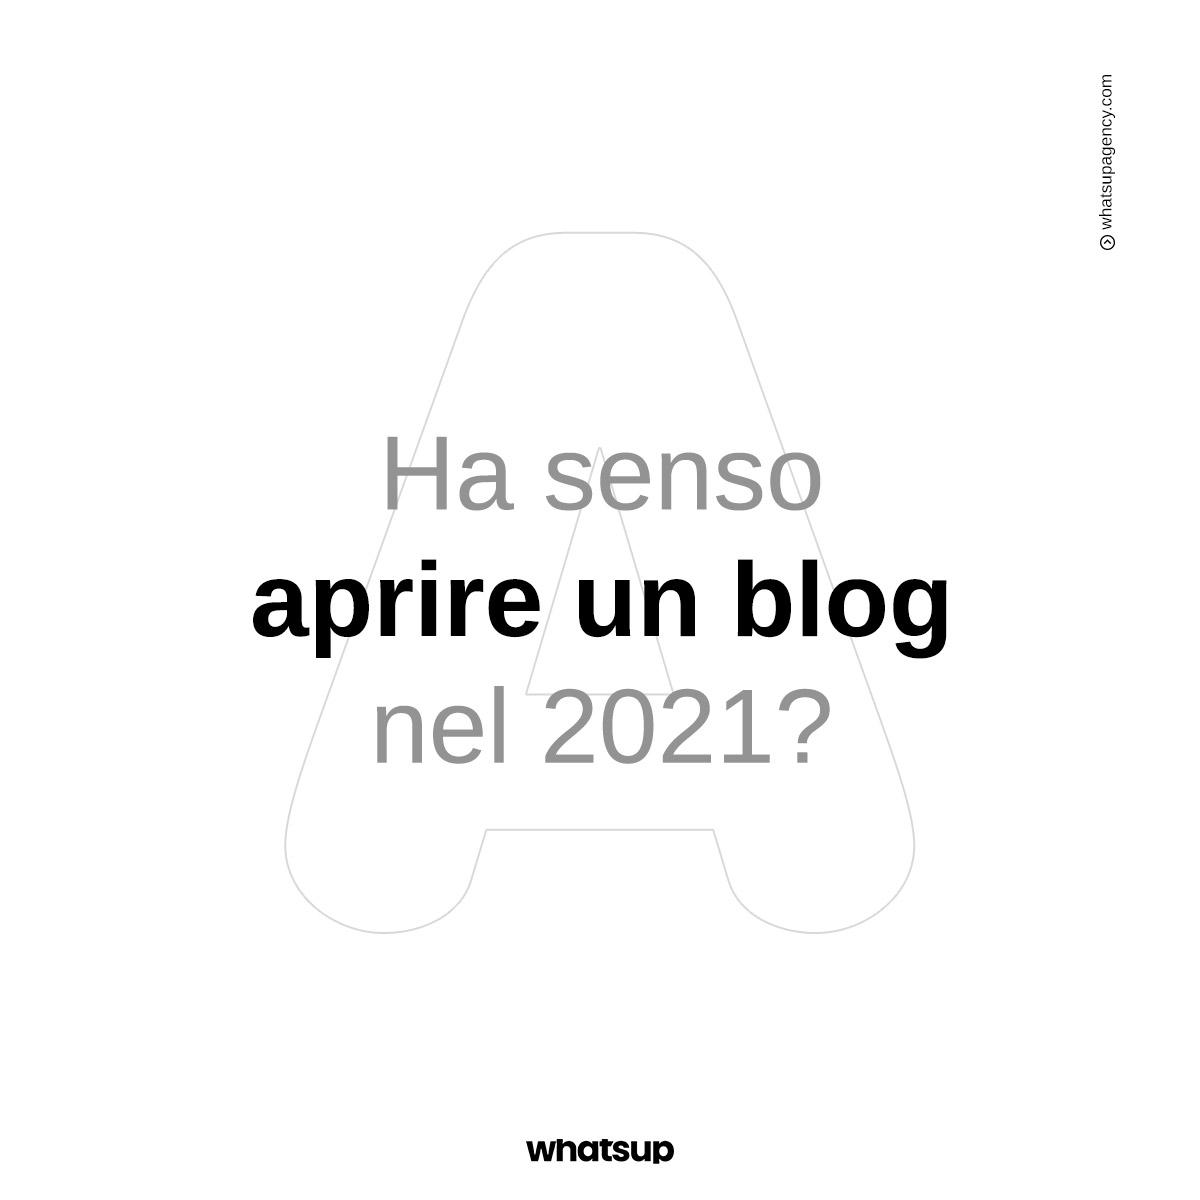 Ha senso aprire un blog nel 2021?